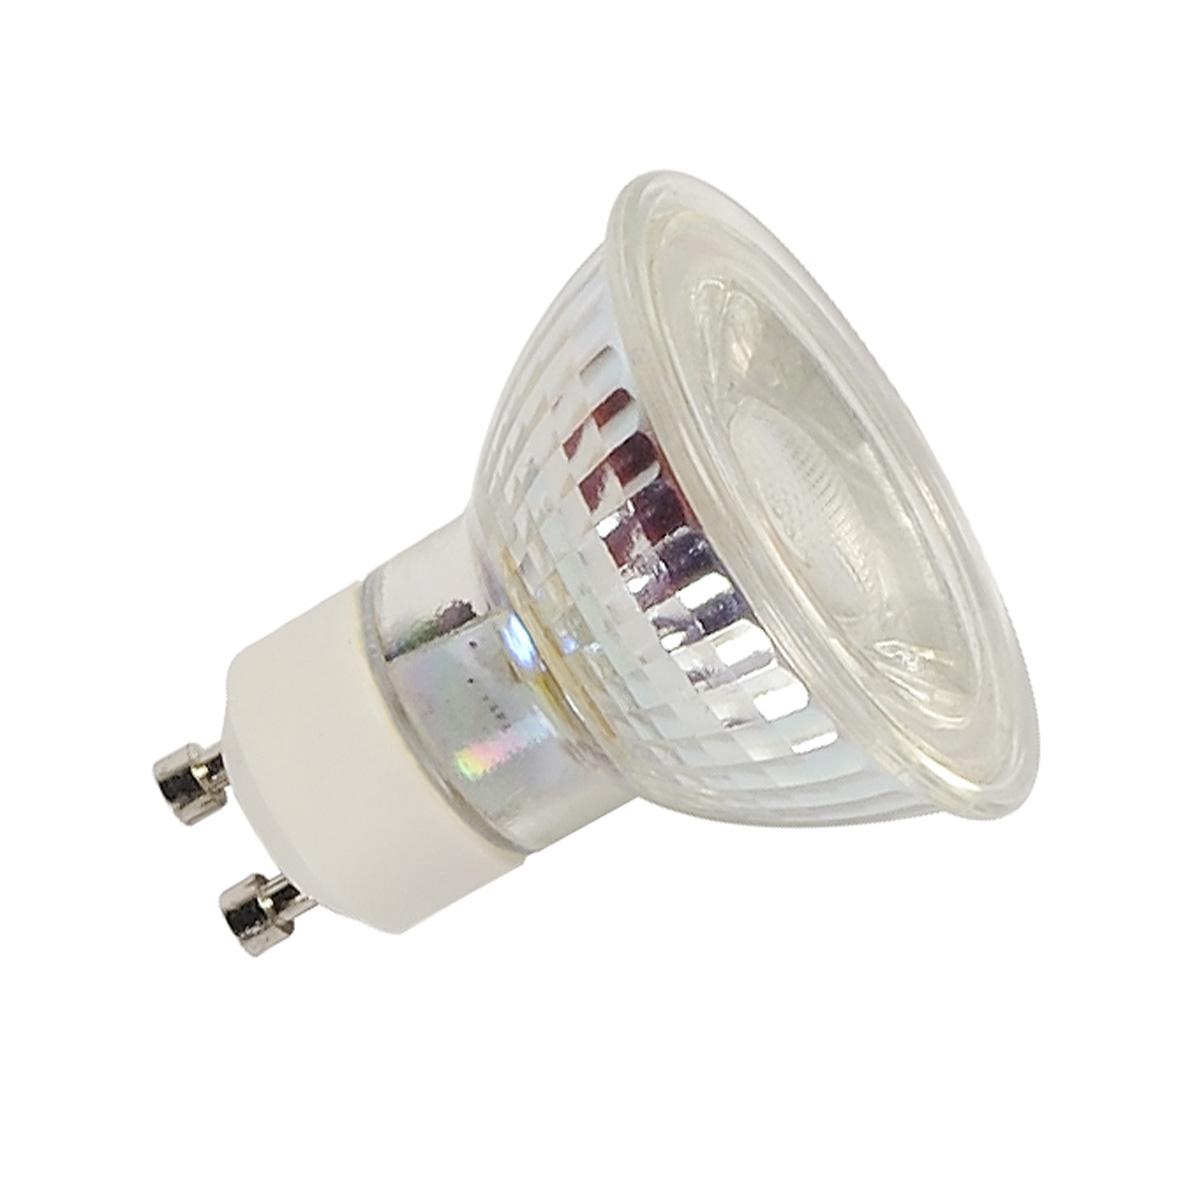 SLV 1001030 led žárovka GU10 5,5W 80